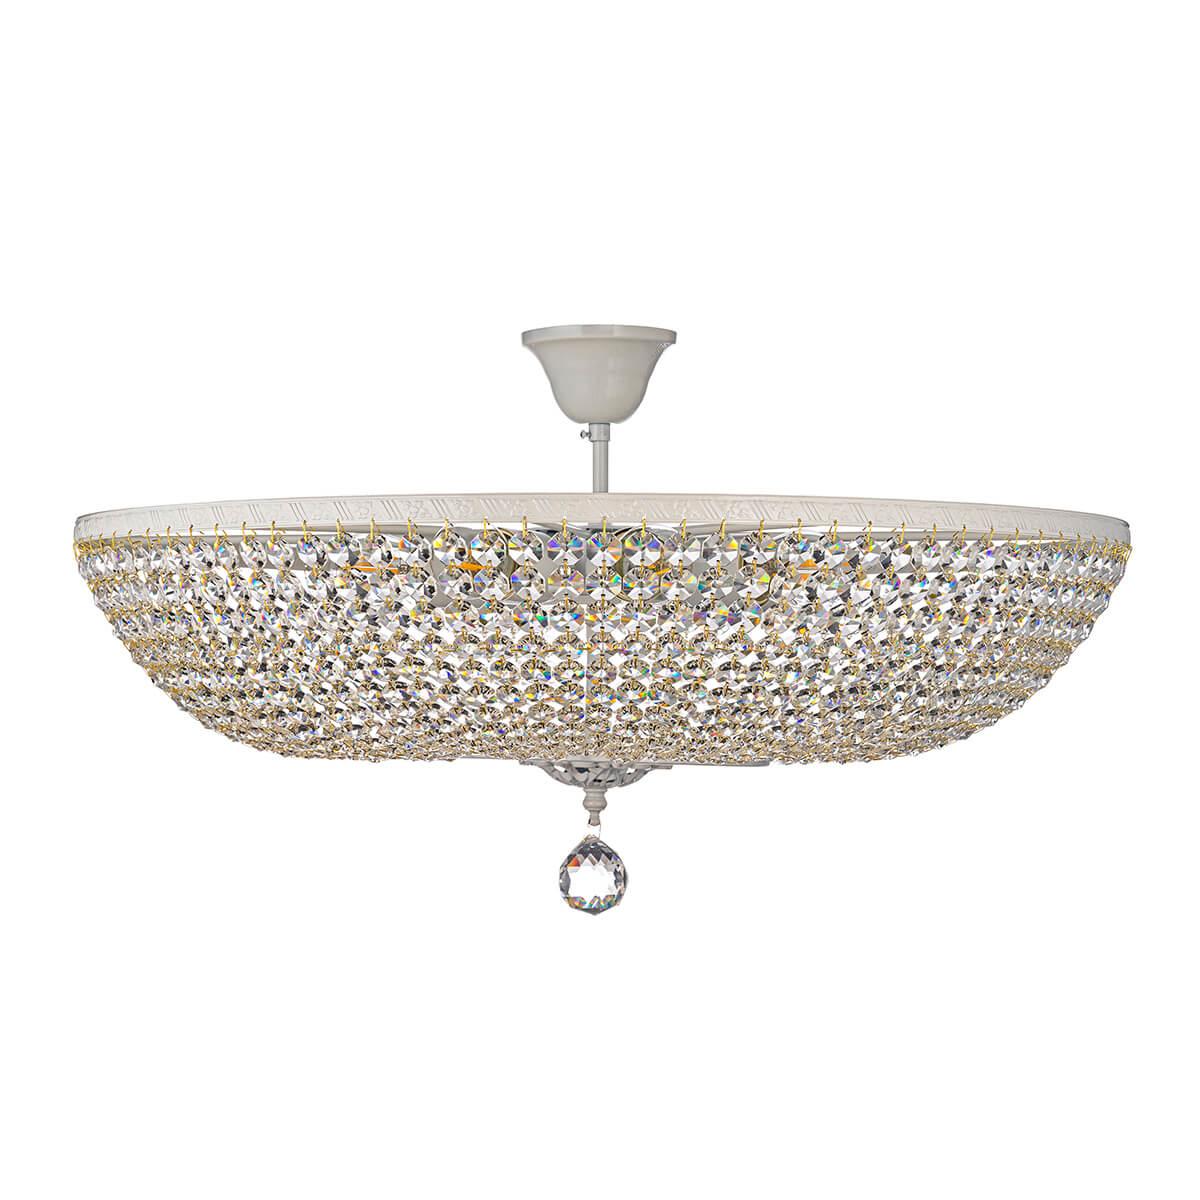 Потолочный светильник Arti Lampadari Nobile E 1.3.60.2.100 WG цена